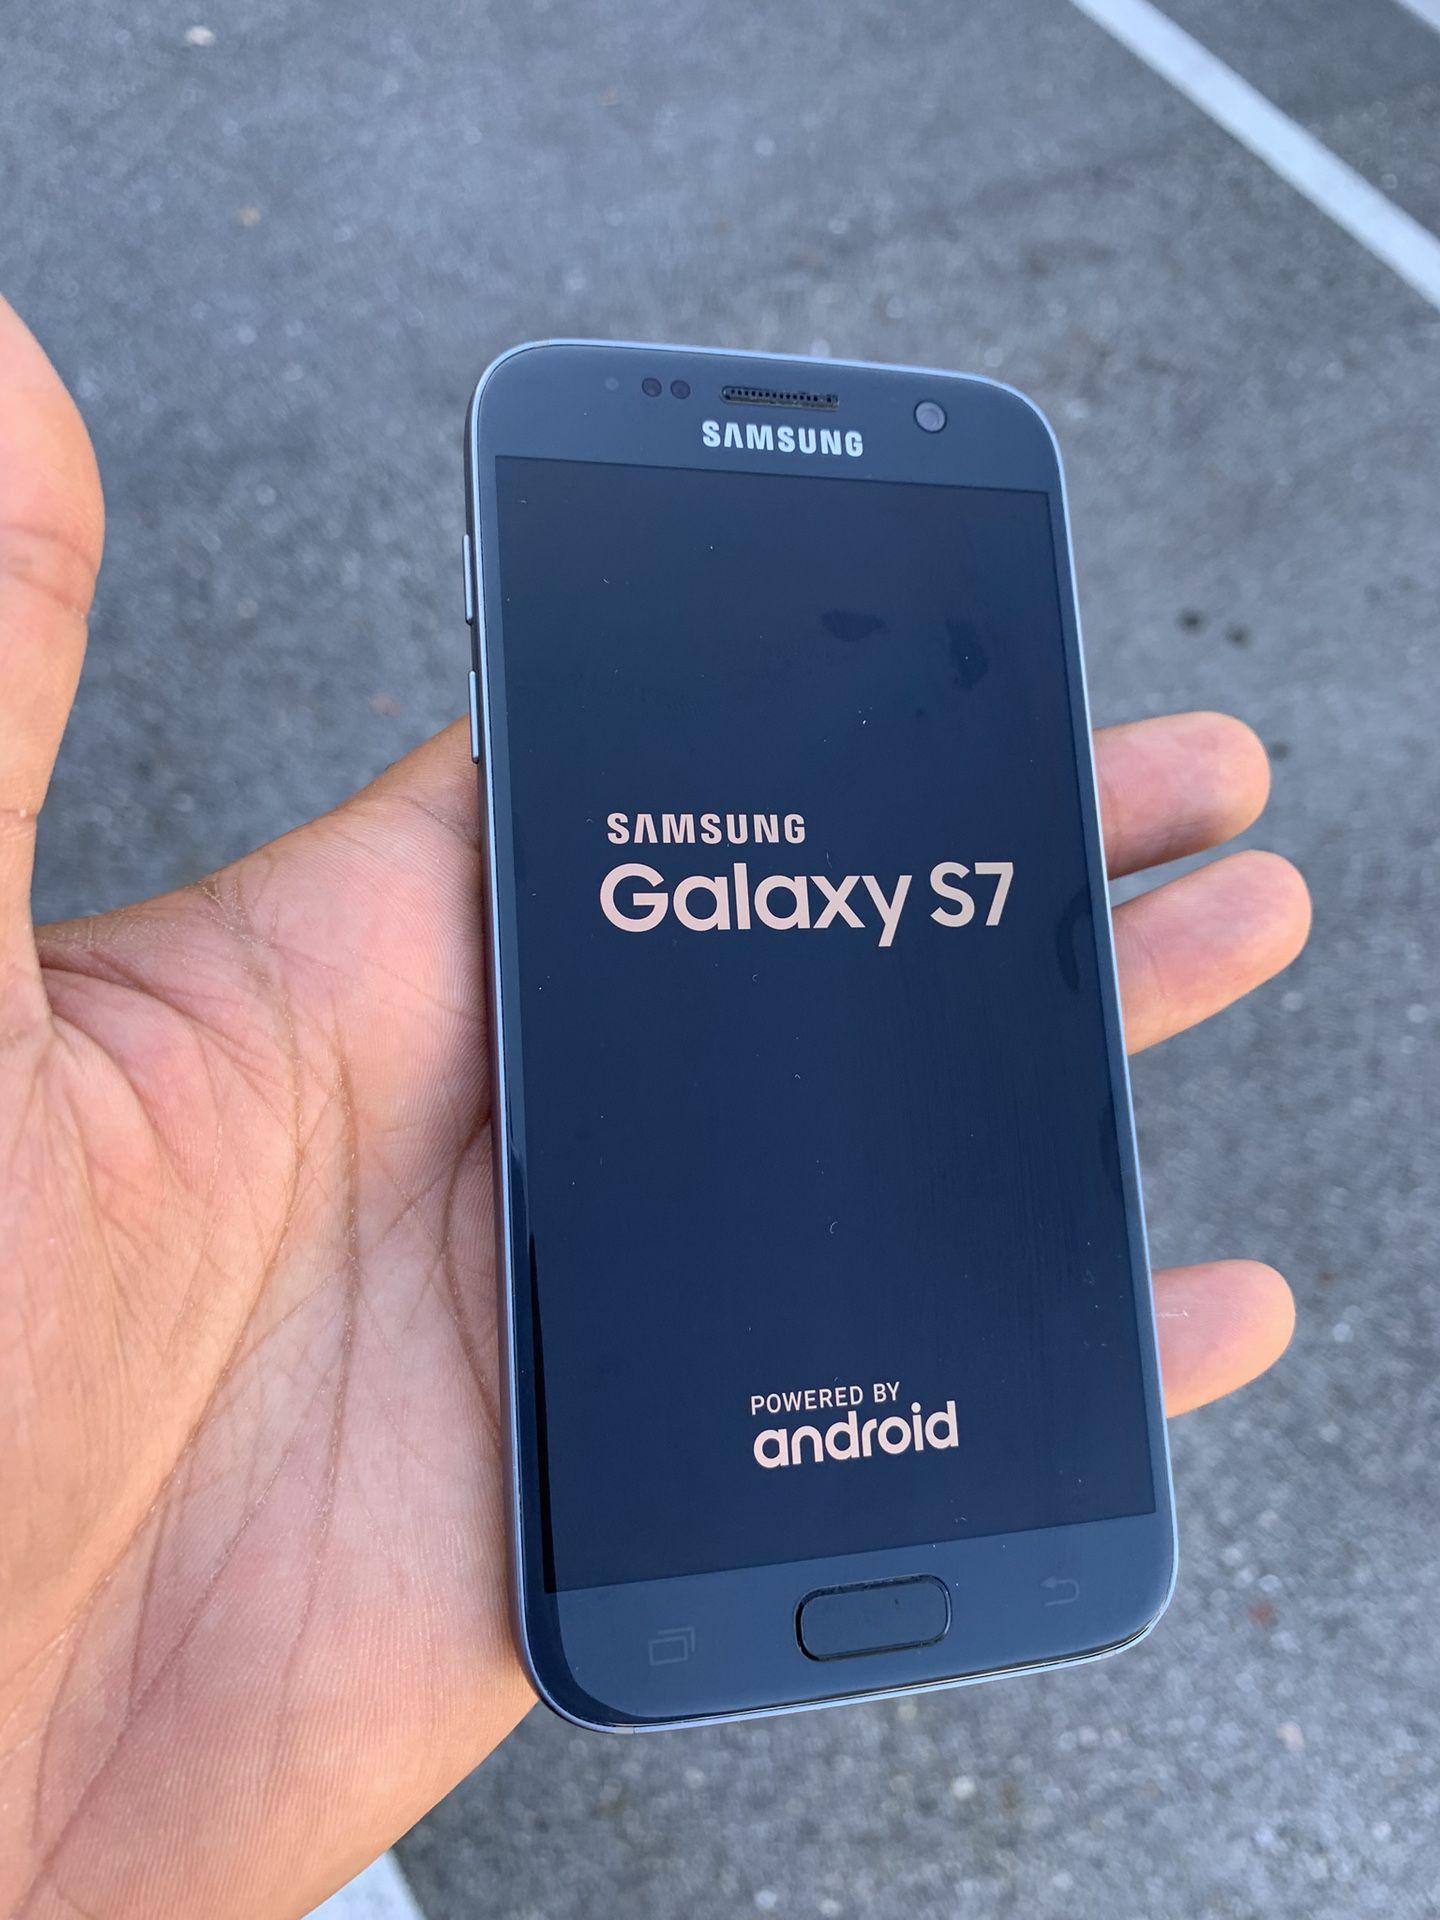 UNLOCKED SAMSUNG GALAXY S7 / READY TO USE 🚨